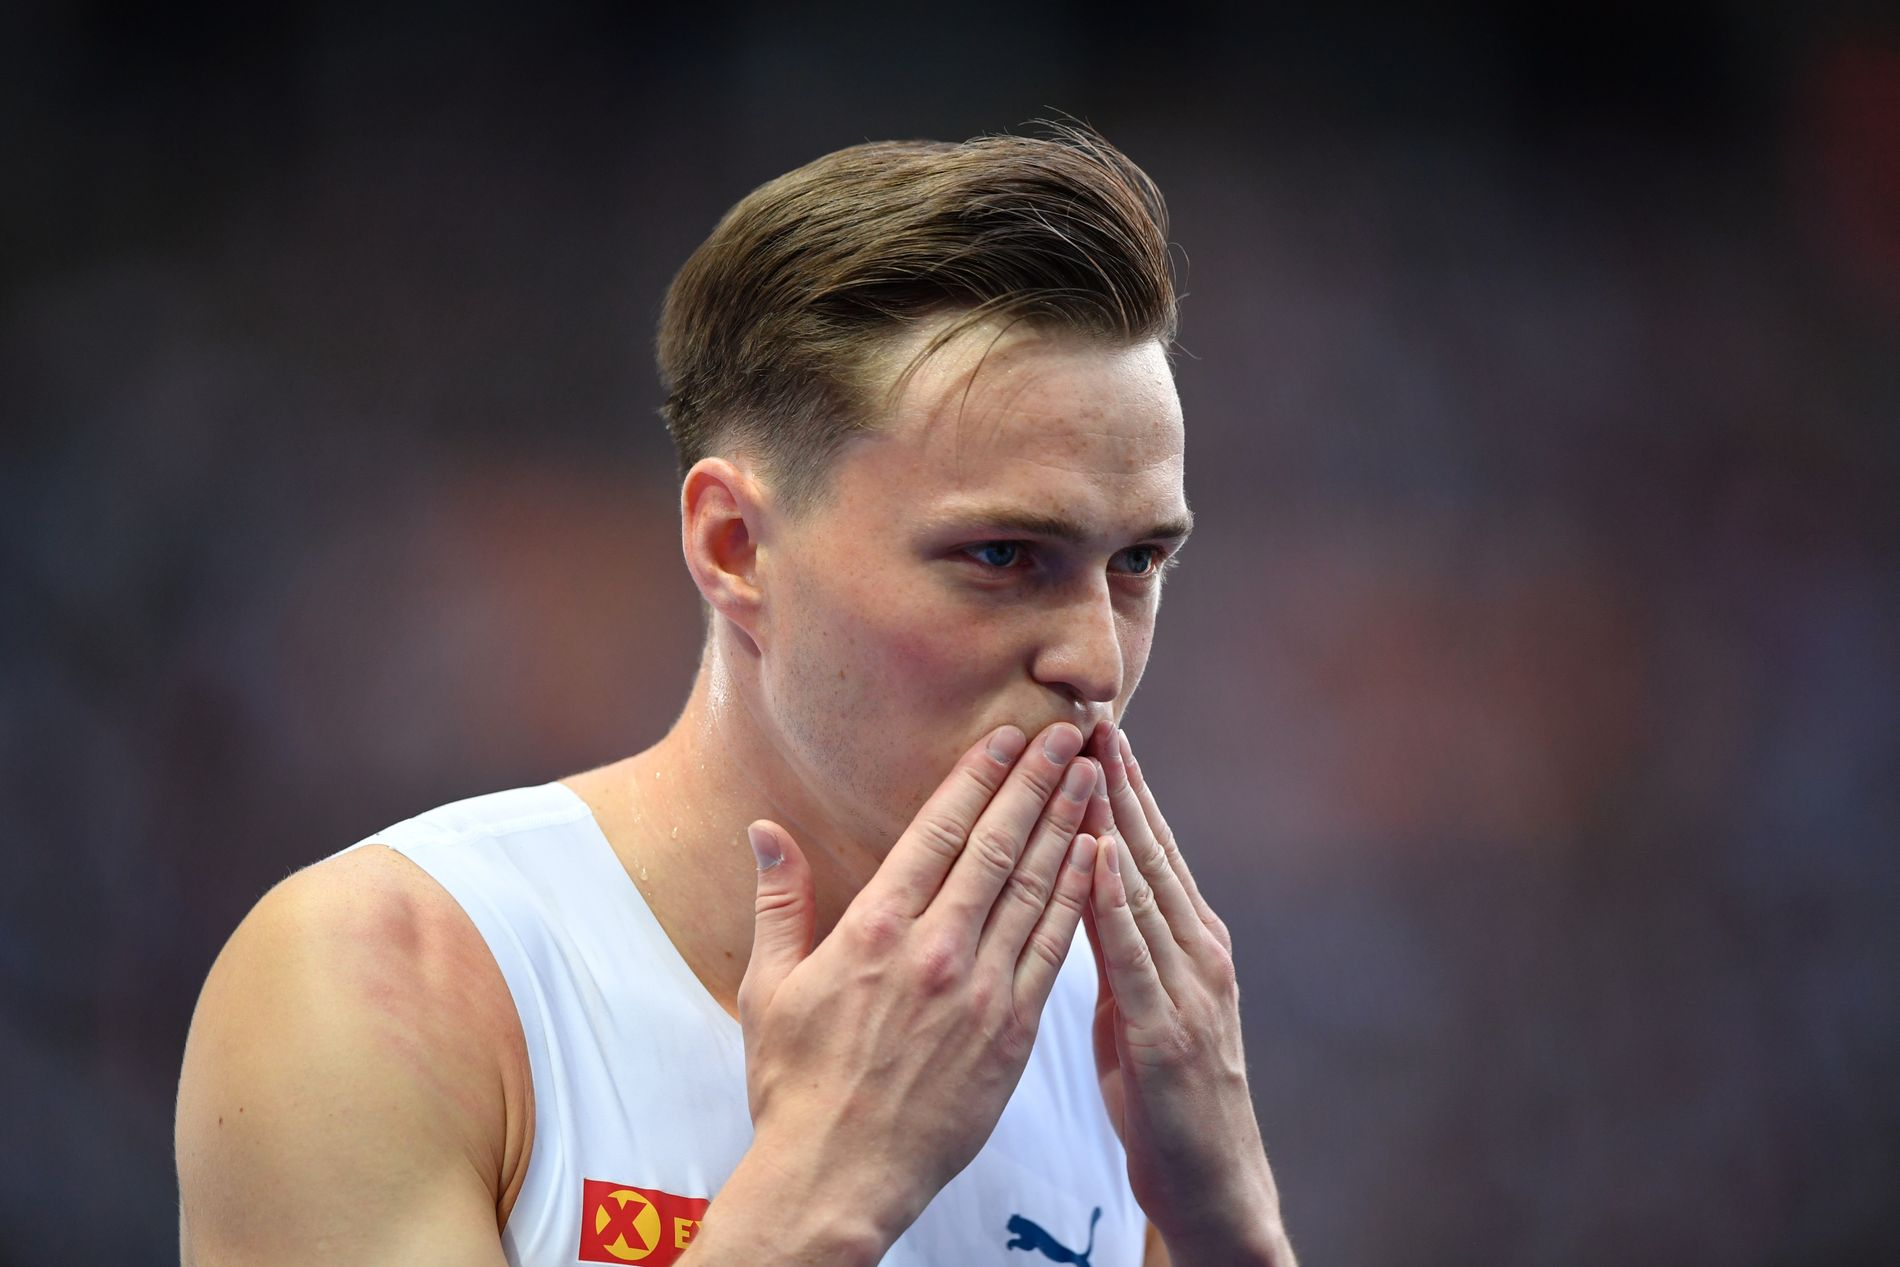 EUROPAMESTER: Karsten Warholm tok torsdag kveld sitt første EM-gull, da han vant finalen på 400 meter hekk i Berlin.